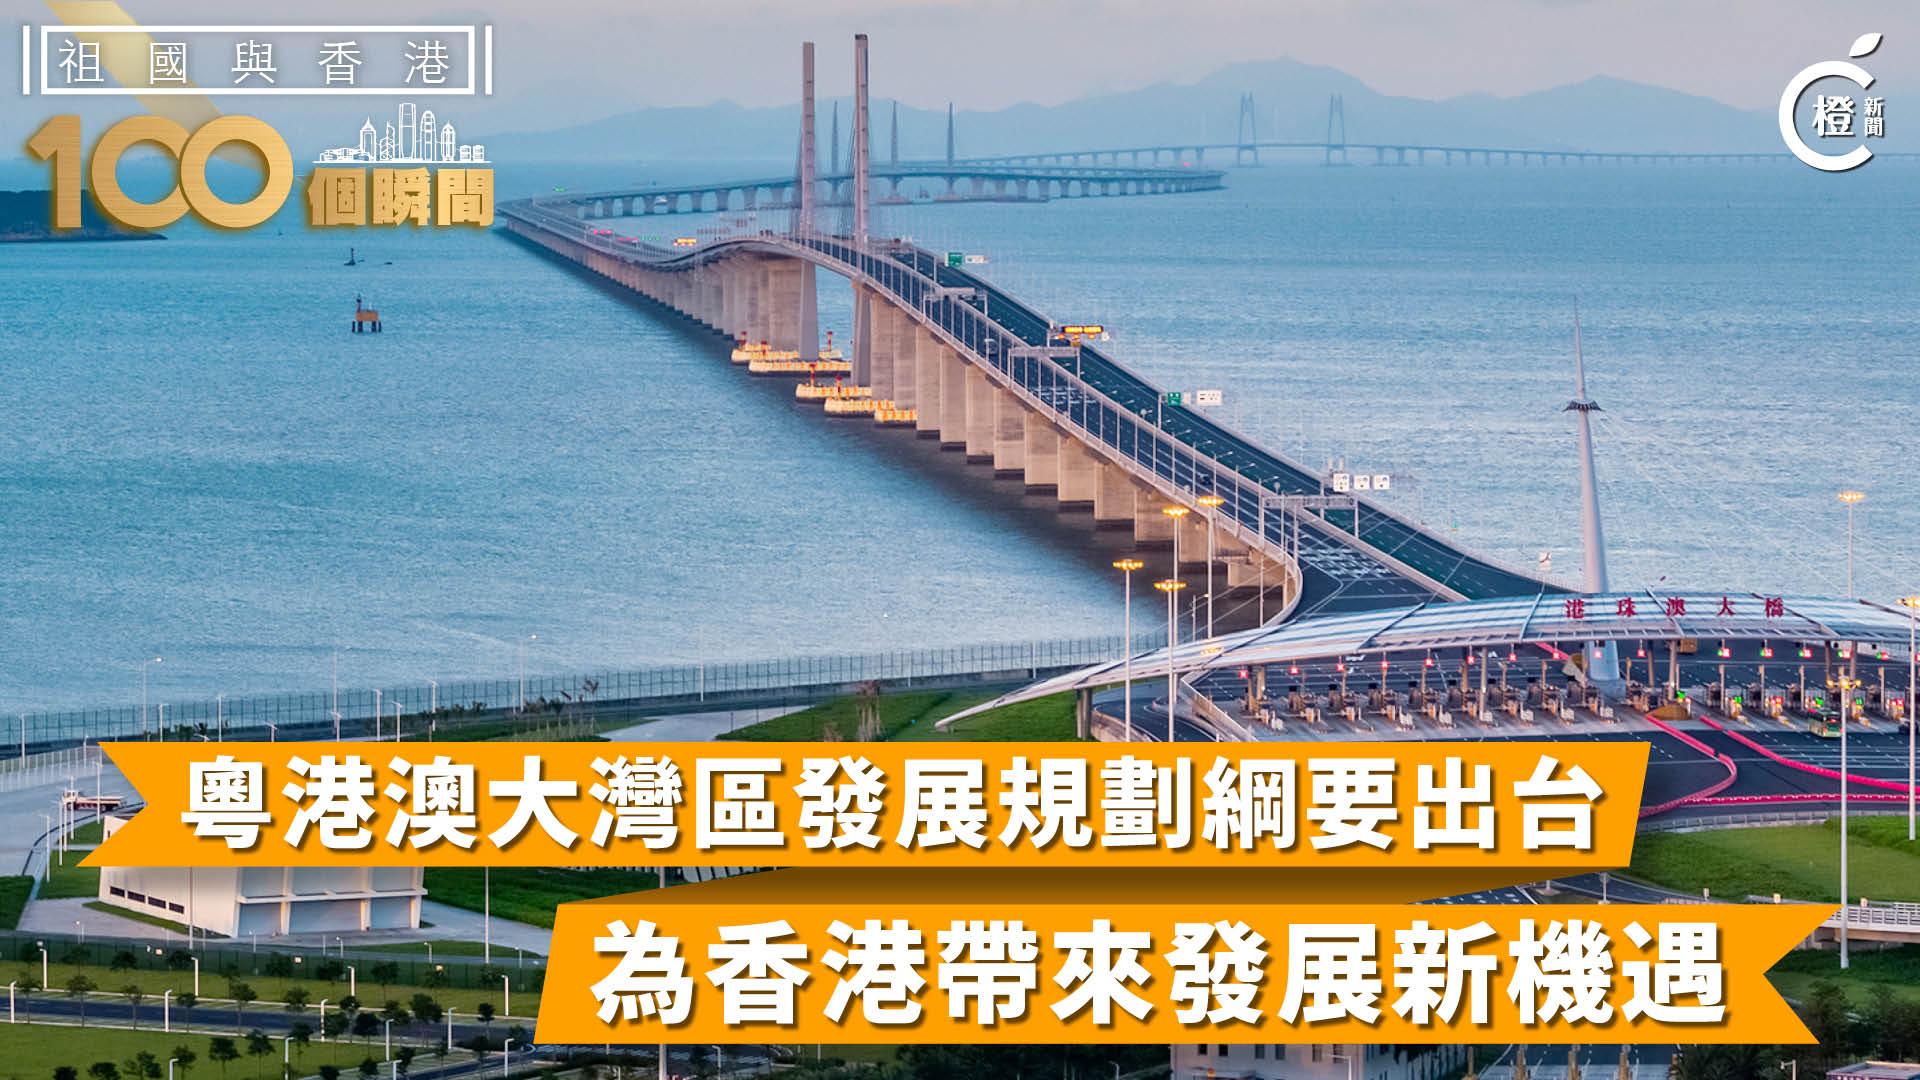 【祖國與香港100個瞬間】粵港澳大灣區發展規劃綱要出台 為香港帶來發展新機遇